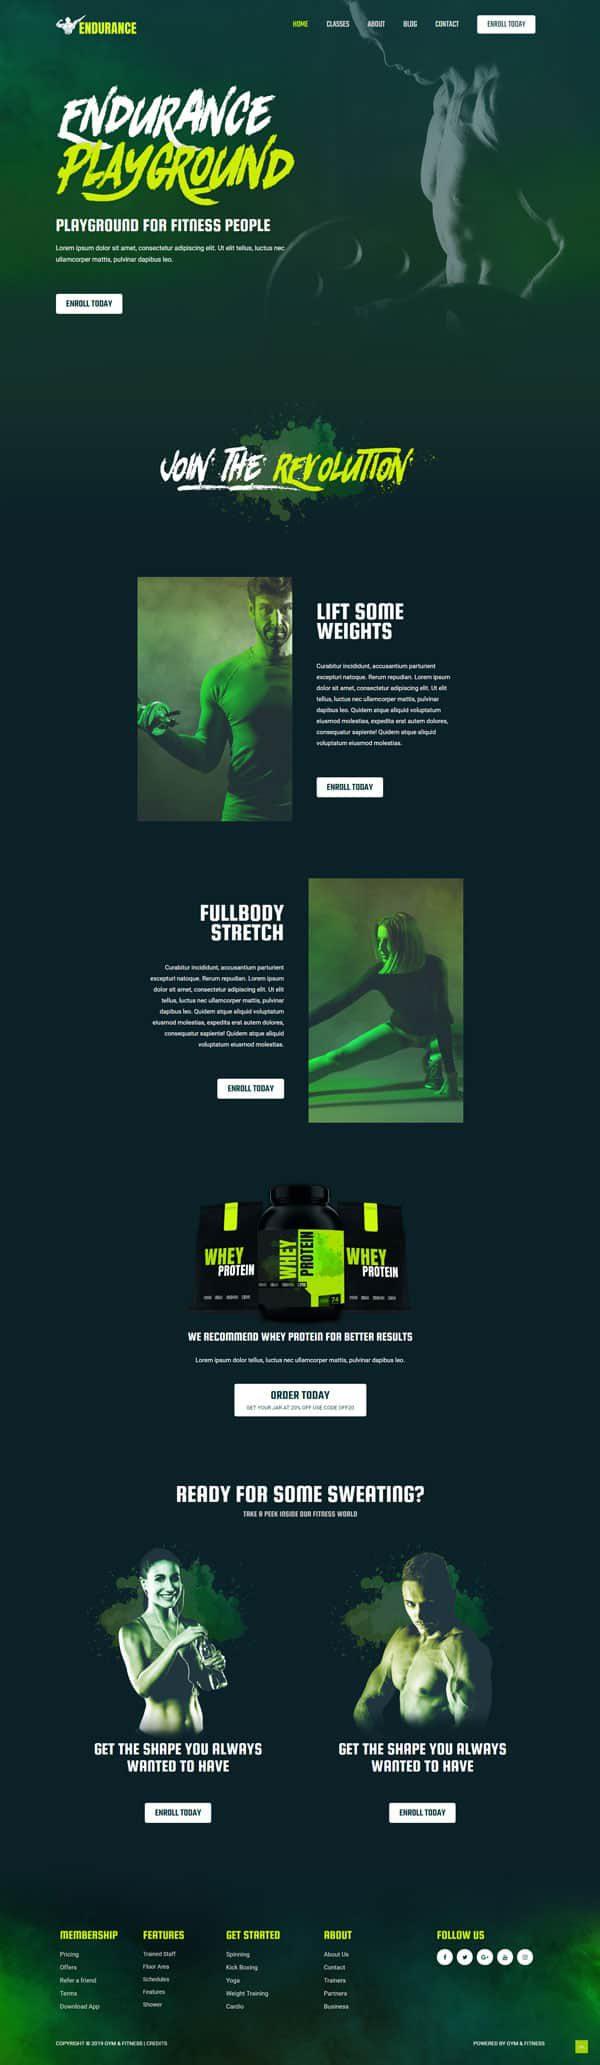 Готовый сайт. Фитнес, спорт, тренер